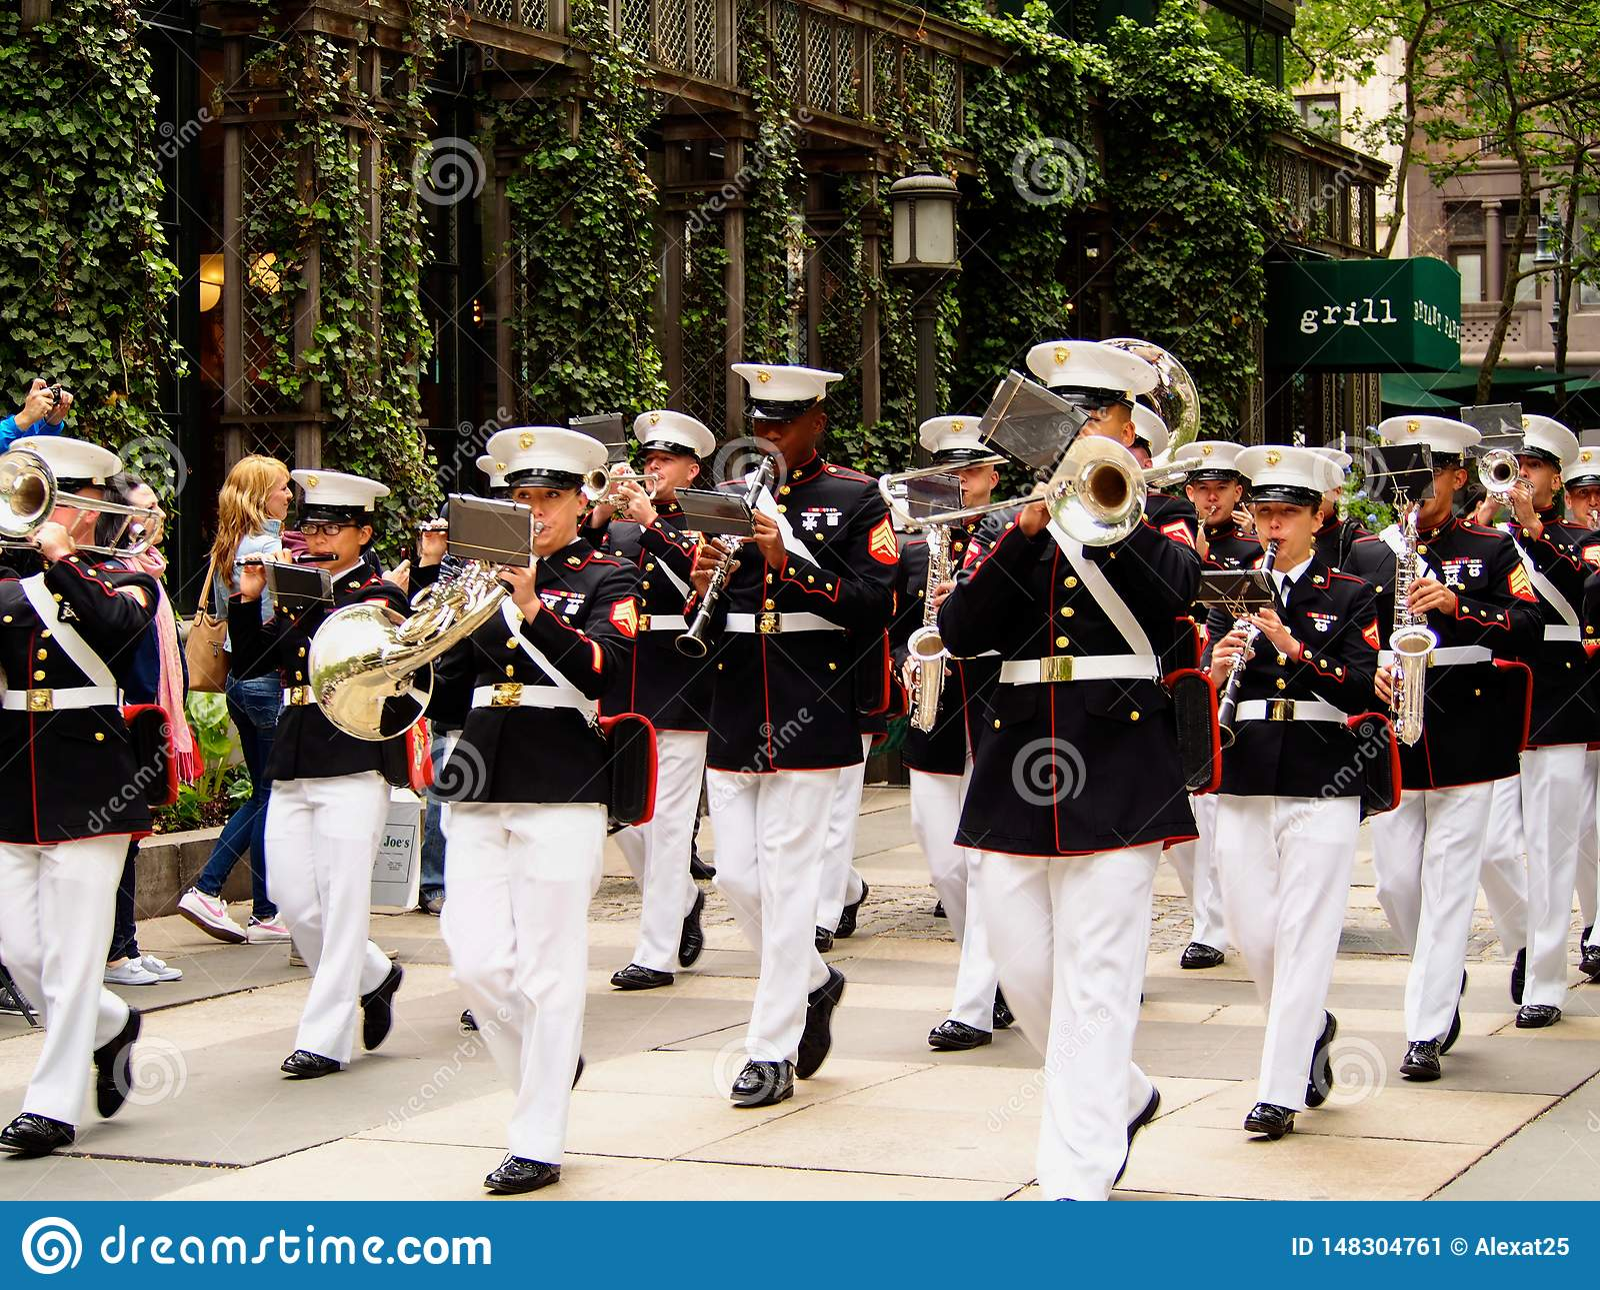 New York - Estados Unidos, faixa do corpo de fuzileiros navais dos E.U. durante a demonstração para o público em Bryant Park para